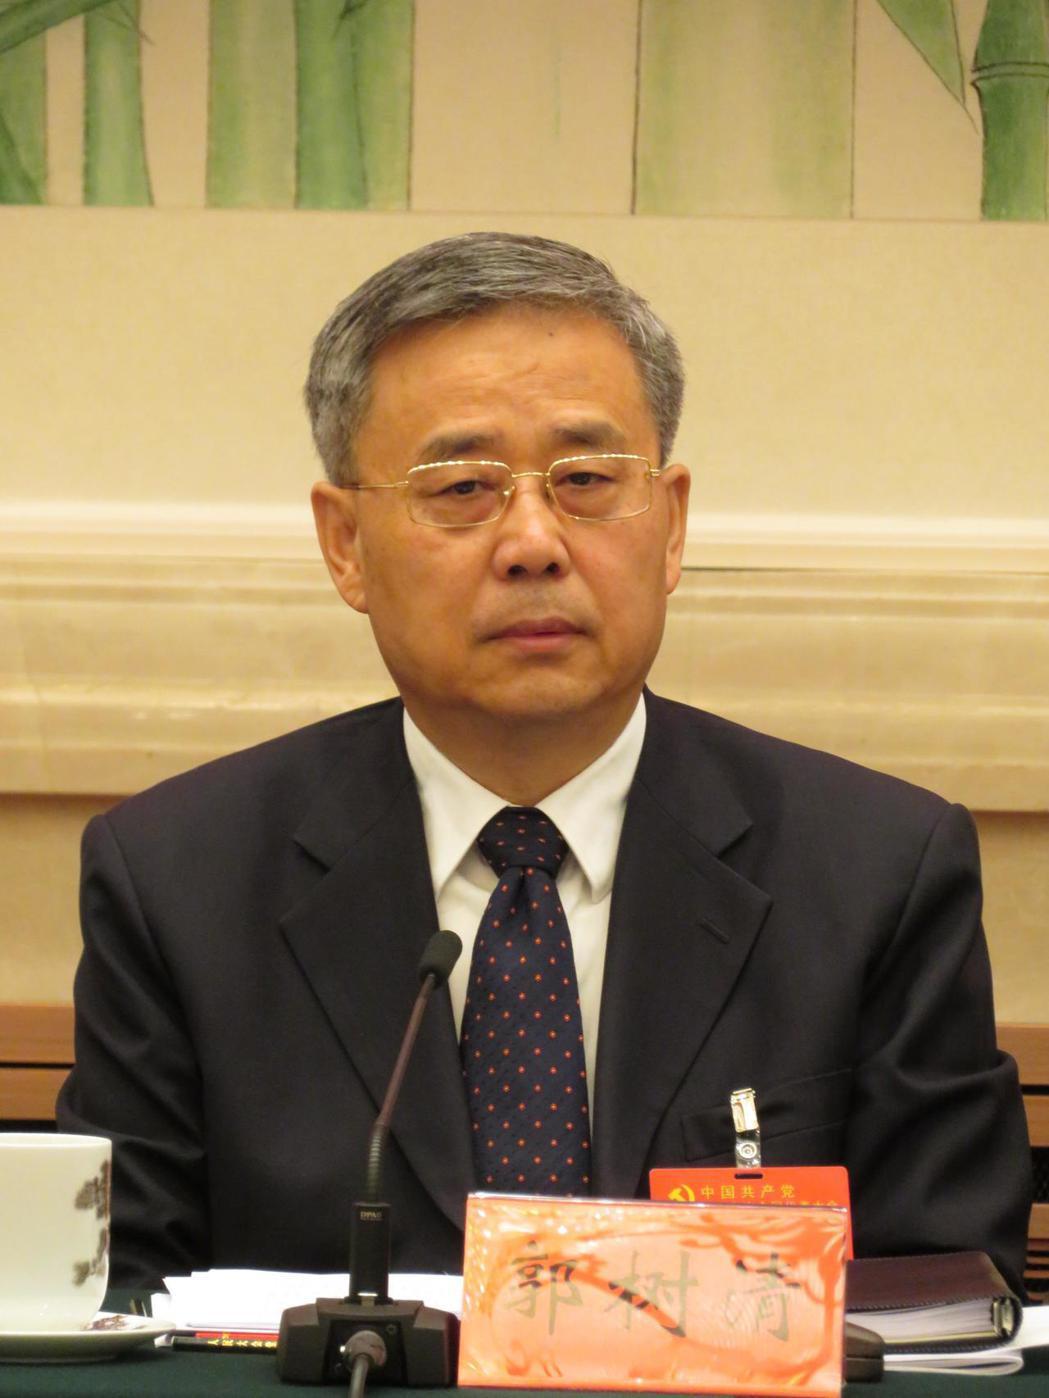 中國銀保監首任主席郭樹清,圖為郭樹清去年出席中共19大中央金融系統代表團討論會。...